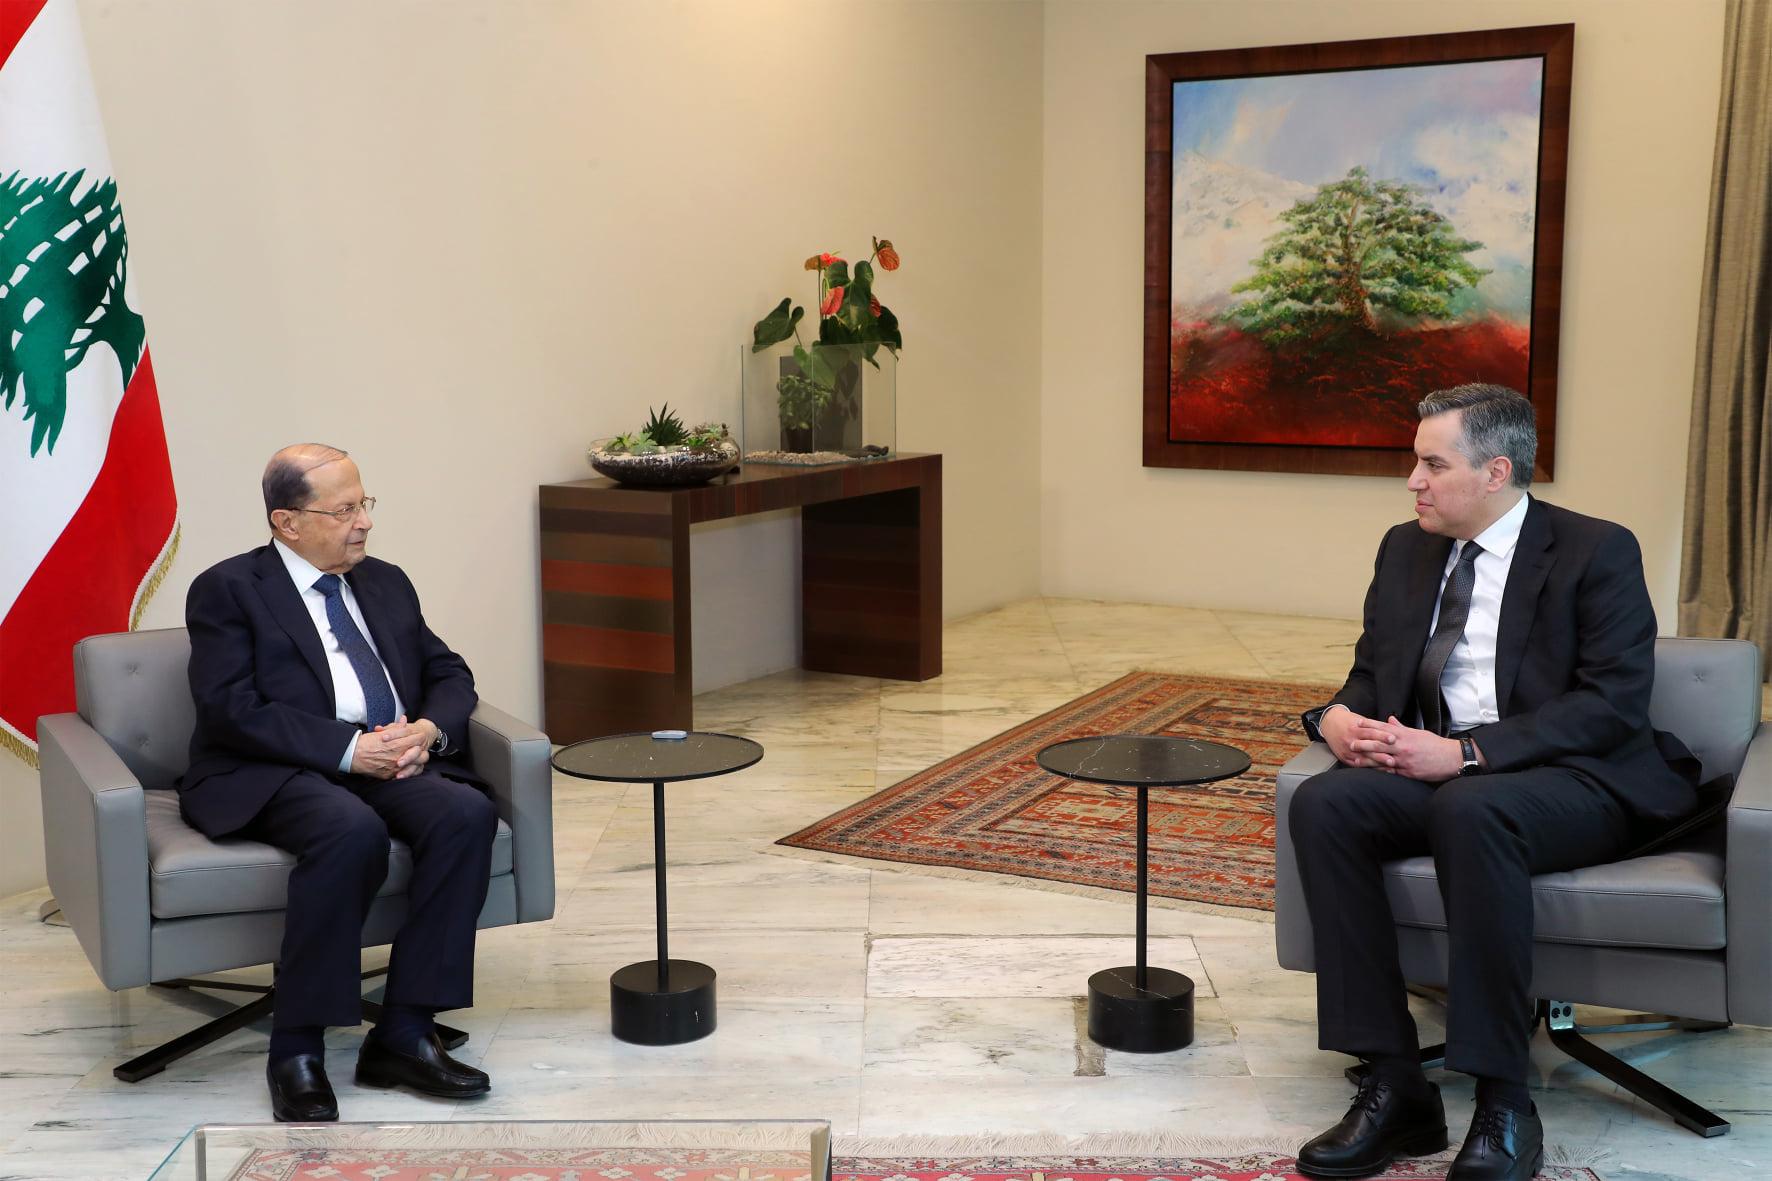 الرئيس اللبناني يقبل اعتذار مصطفى أديب عن عدم تشكيل الحكومة الجديدة